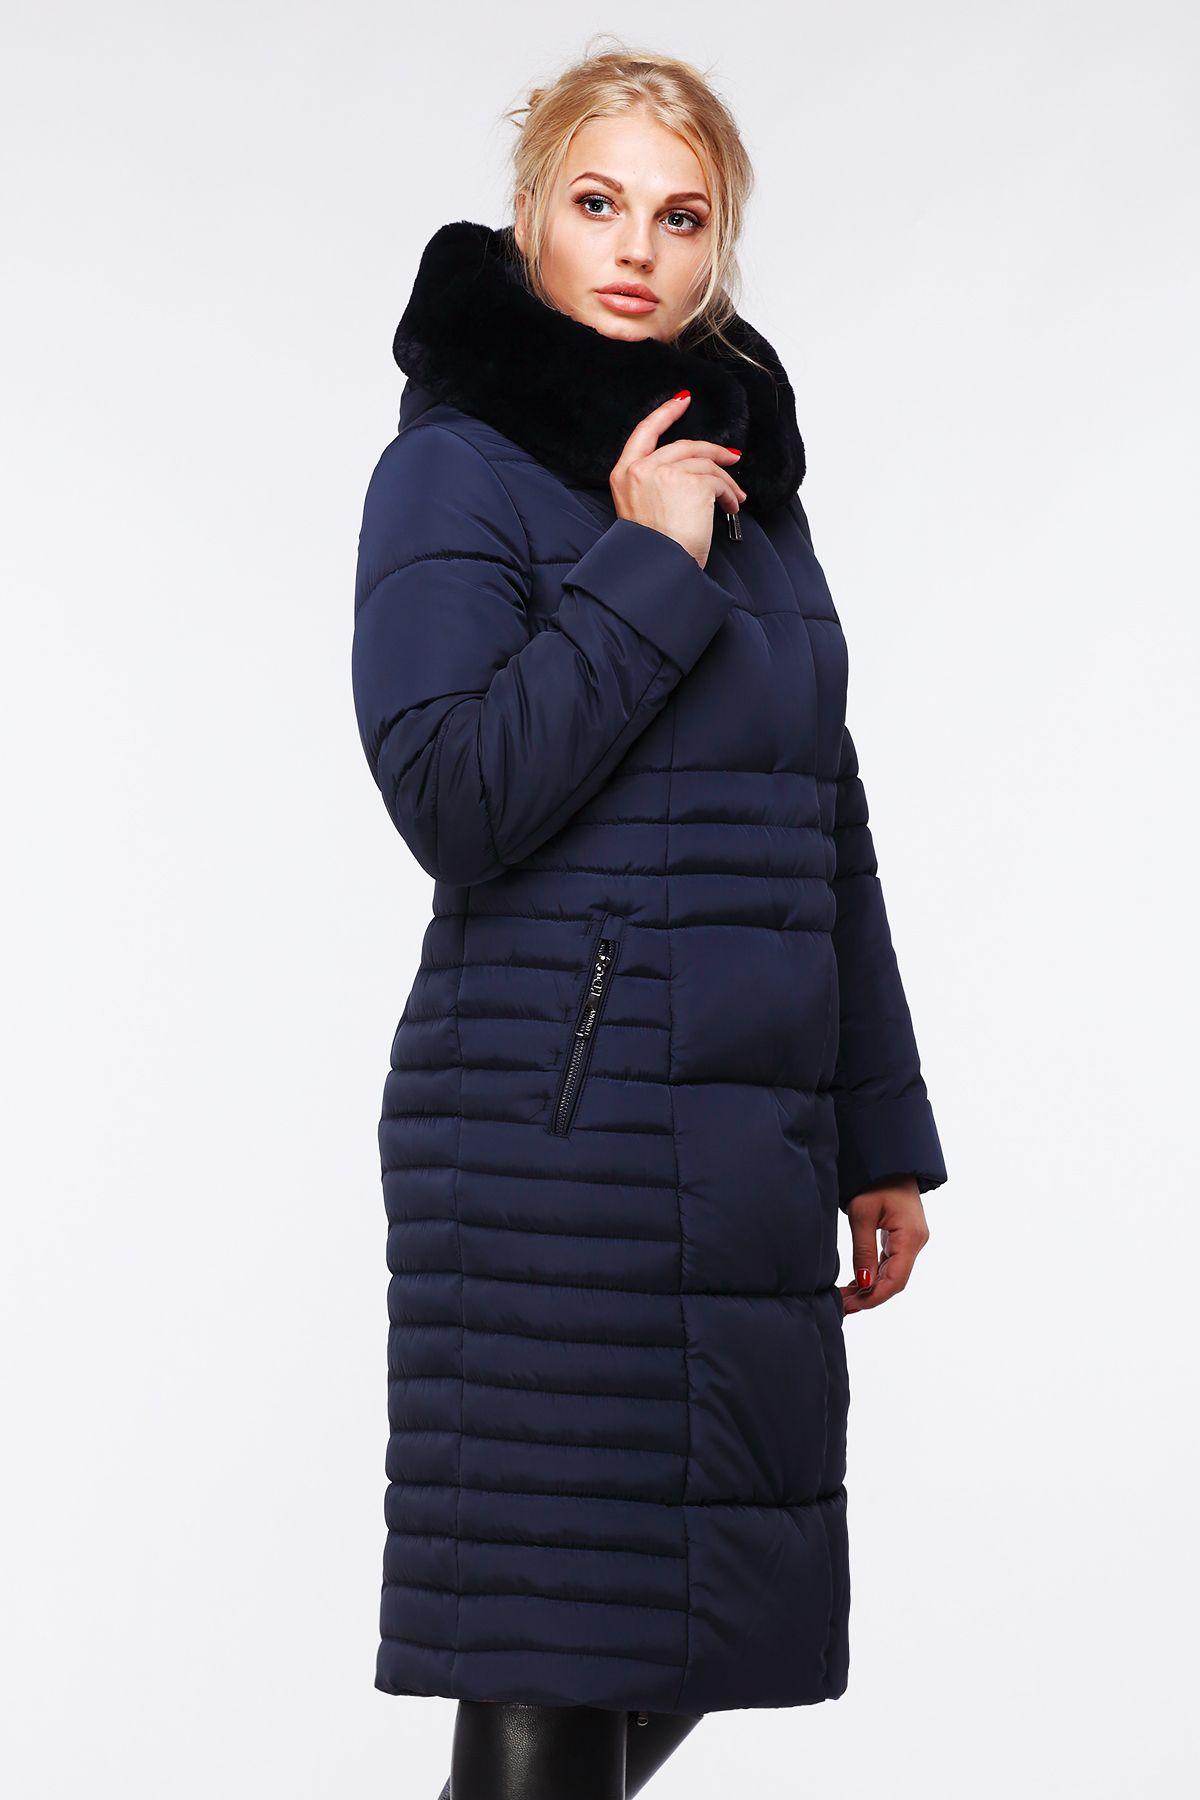 Женский пуховик зимняя куртка Дарселла от Nui Very - женская куртка зима,  женская мода зима f7cc9356d81